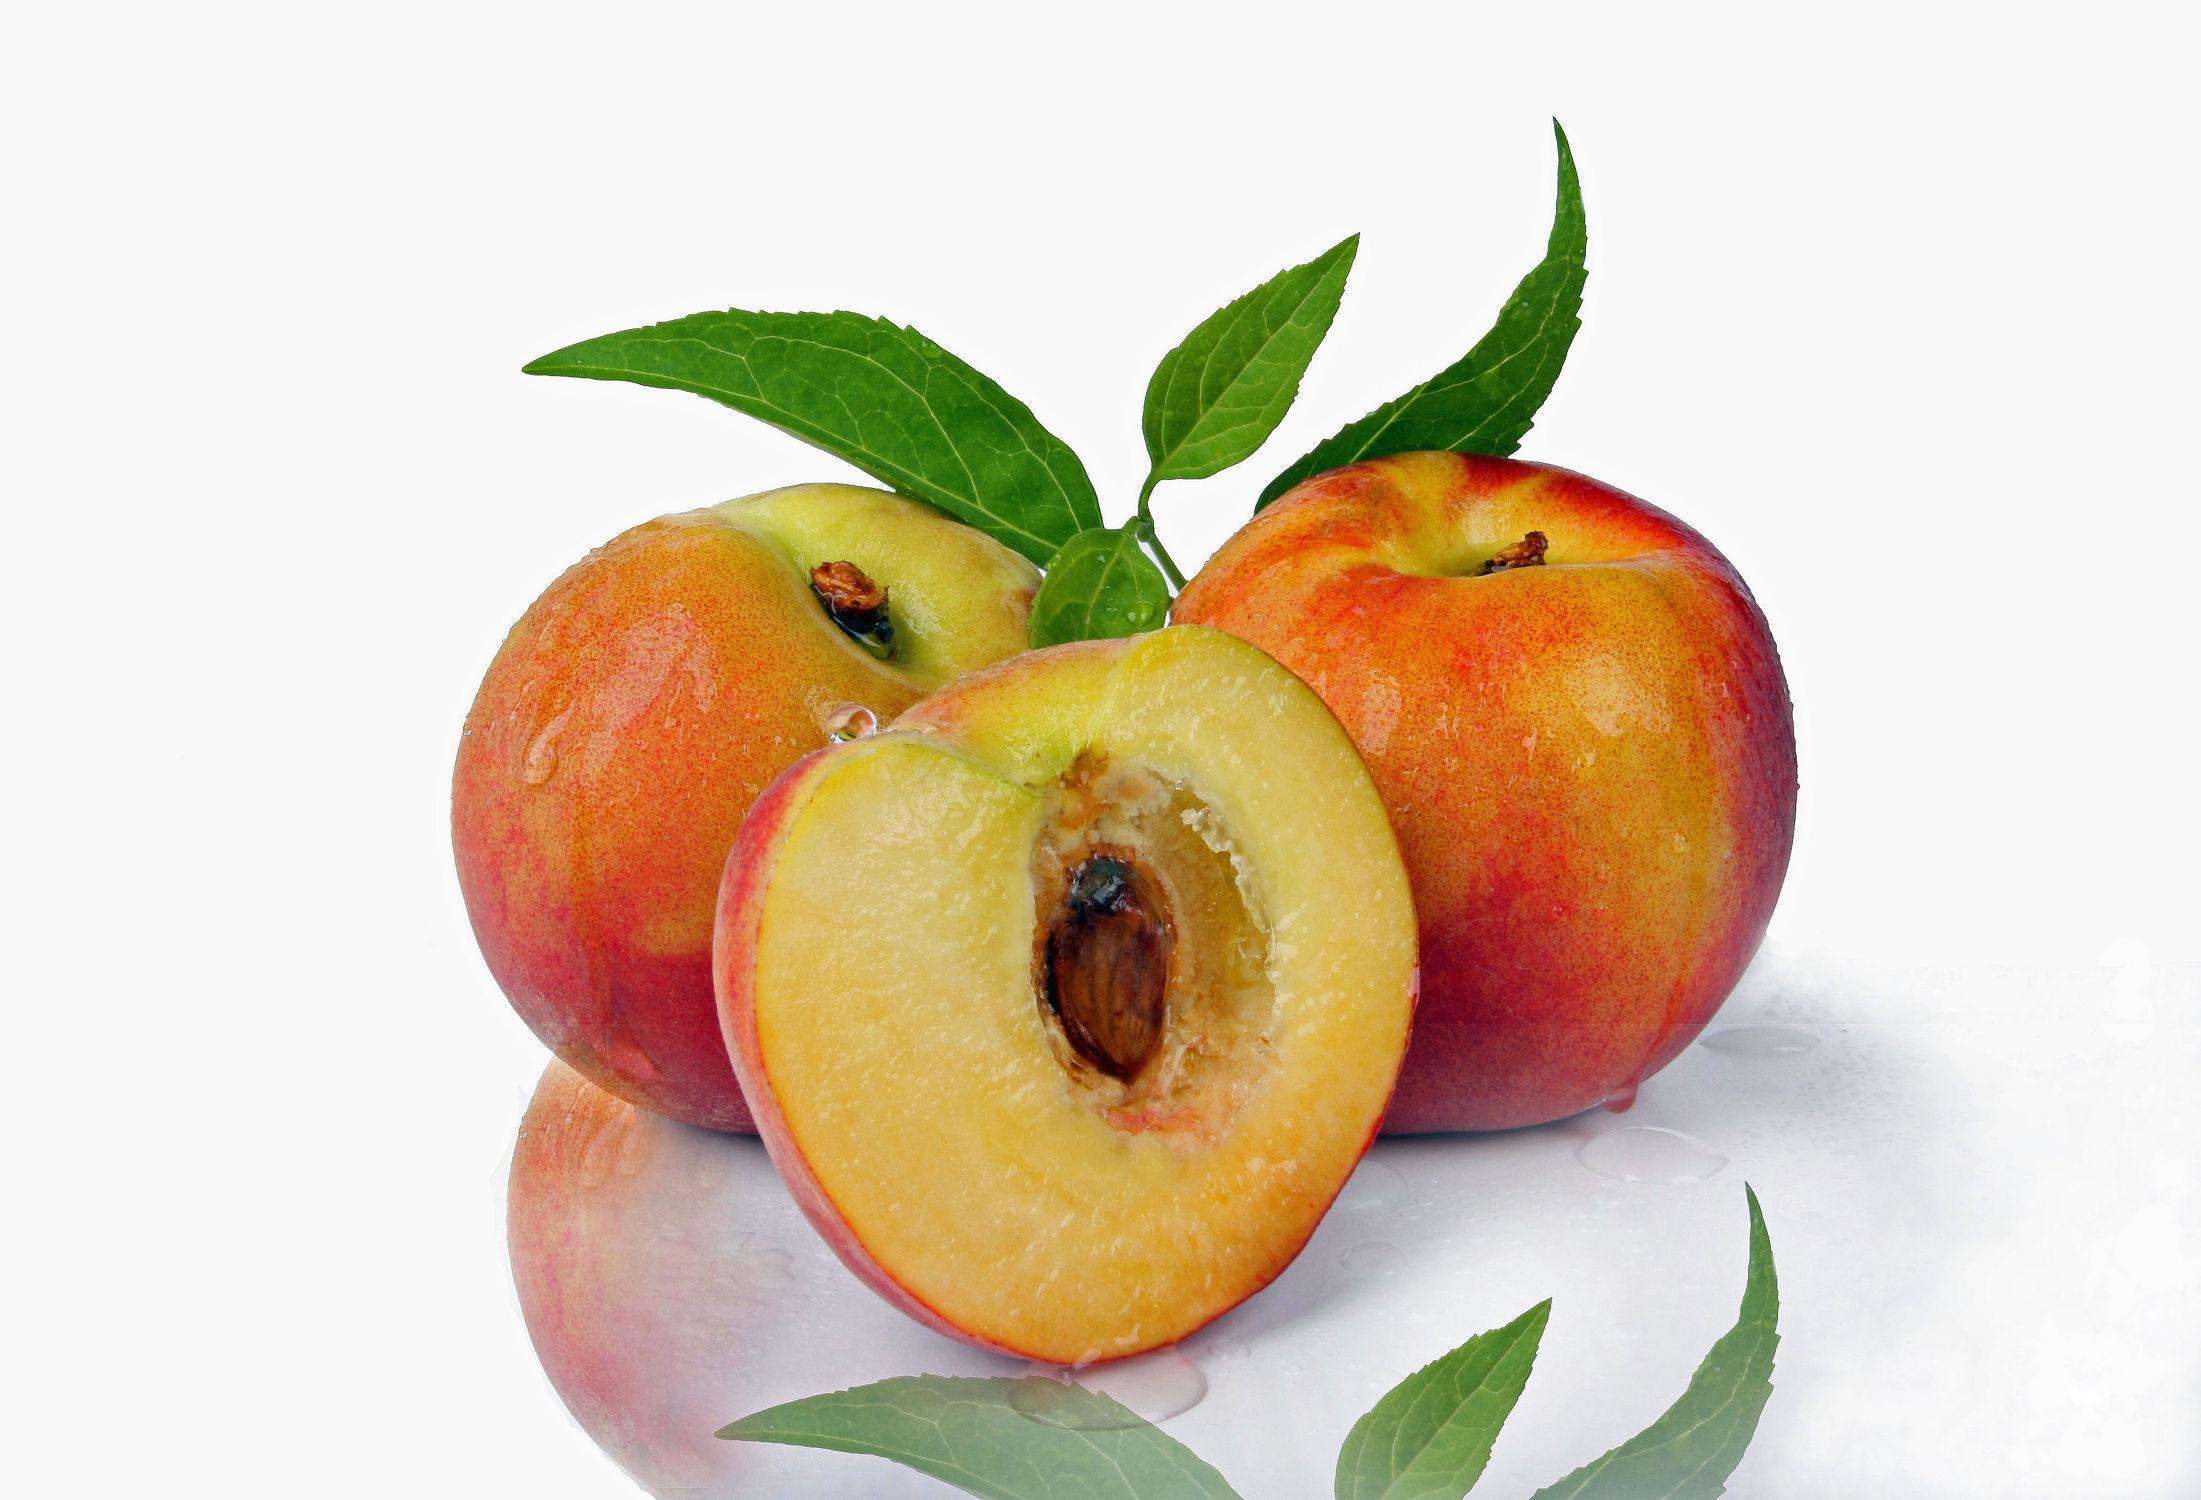 Bild mit Früchte, Pfirsiche, Frucht, Obst, Nahrung, Food, Ernährung, Pfirsich